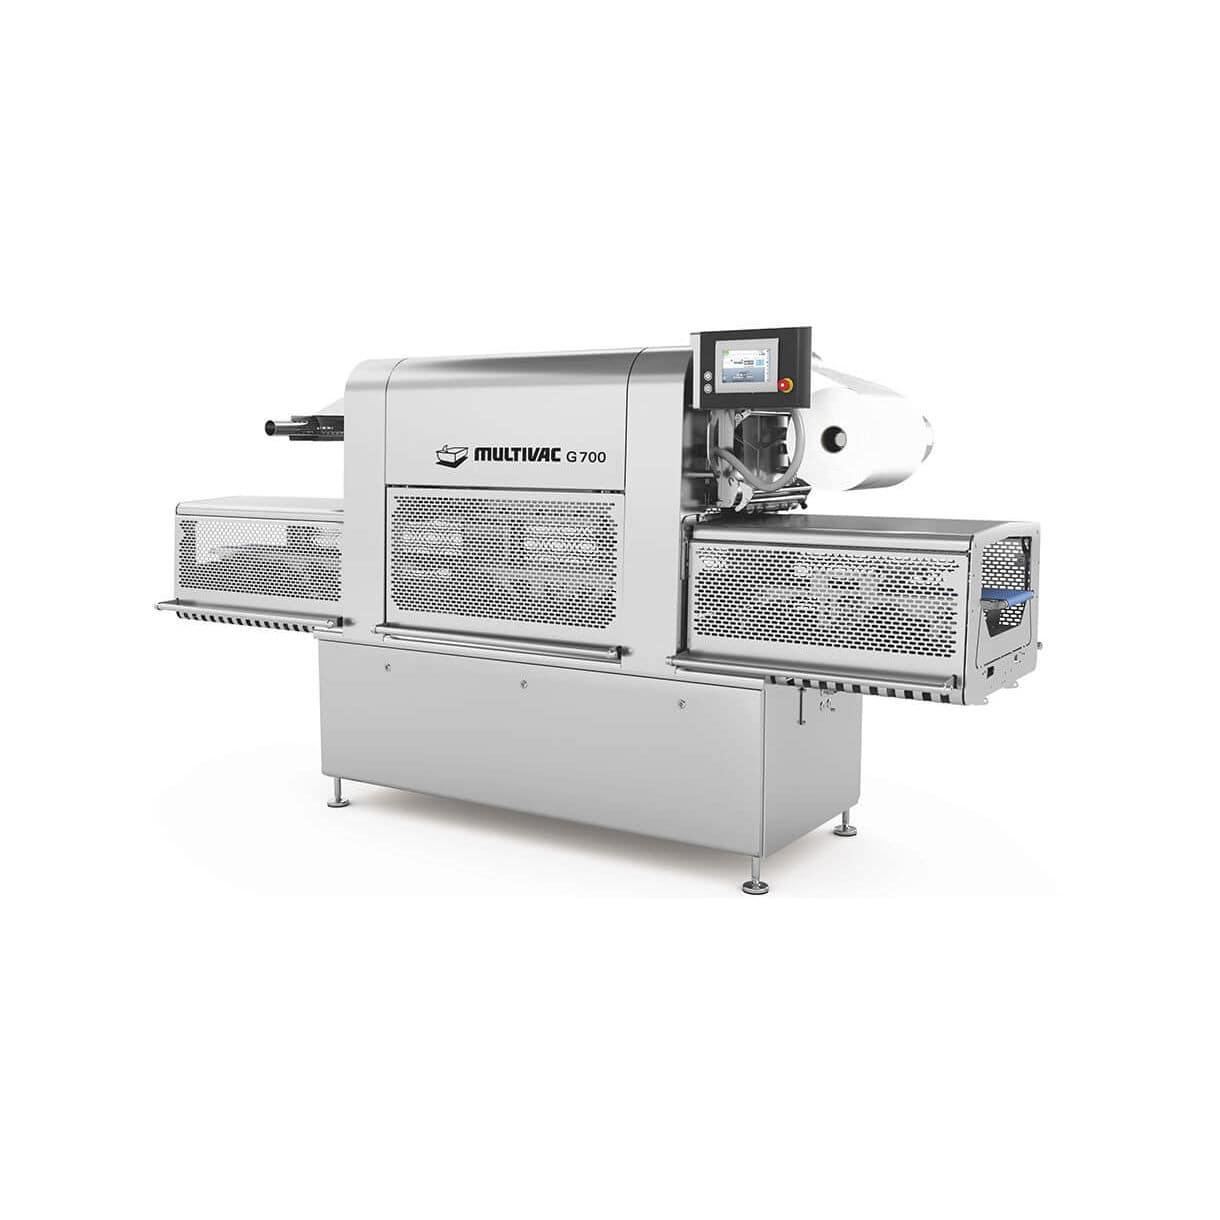 f1e6971e0 Operculadora lineal / automática / para el sector médico - G 700 ...